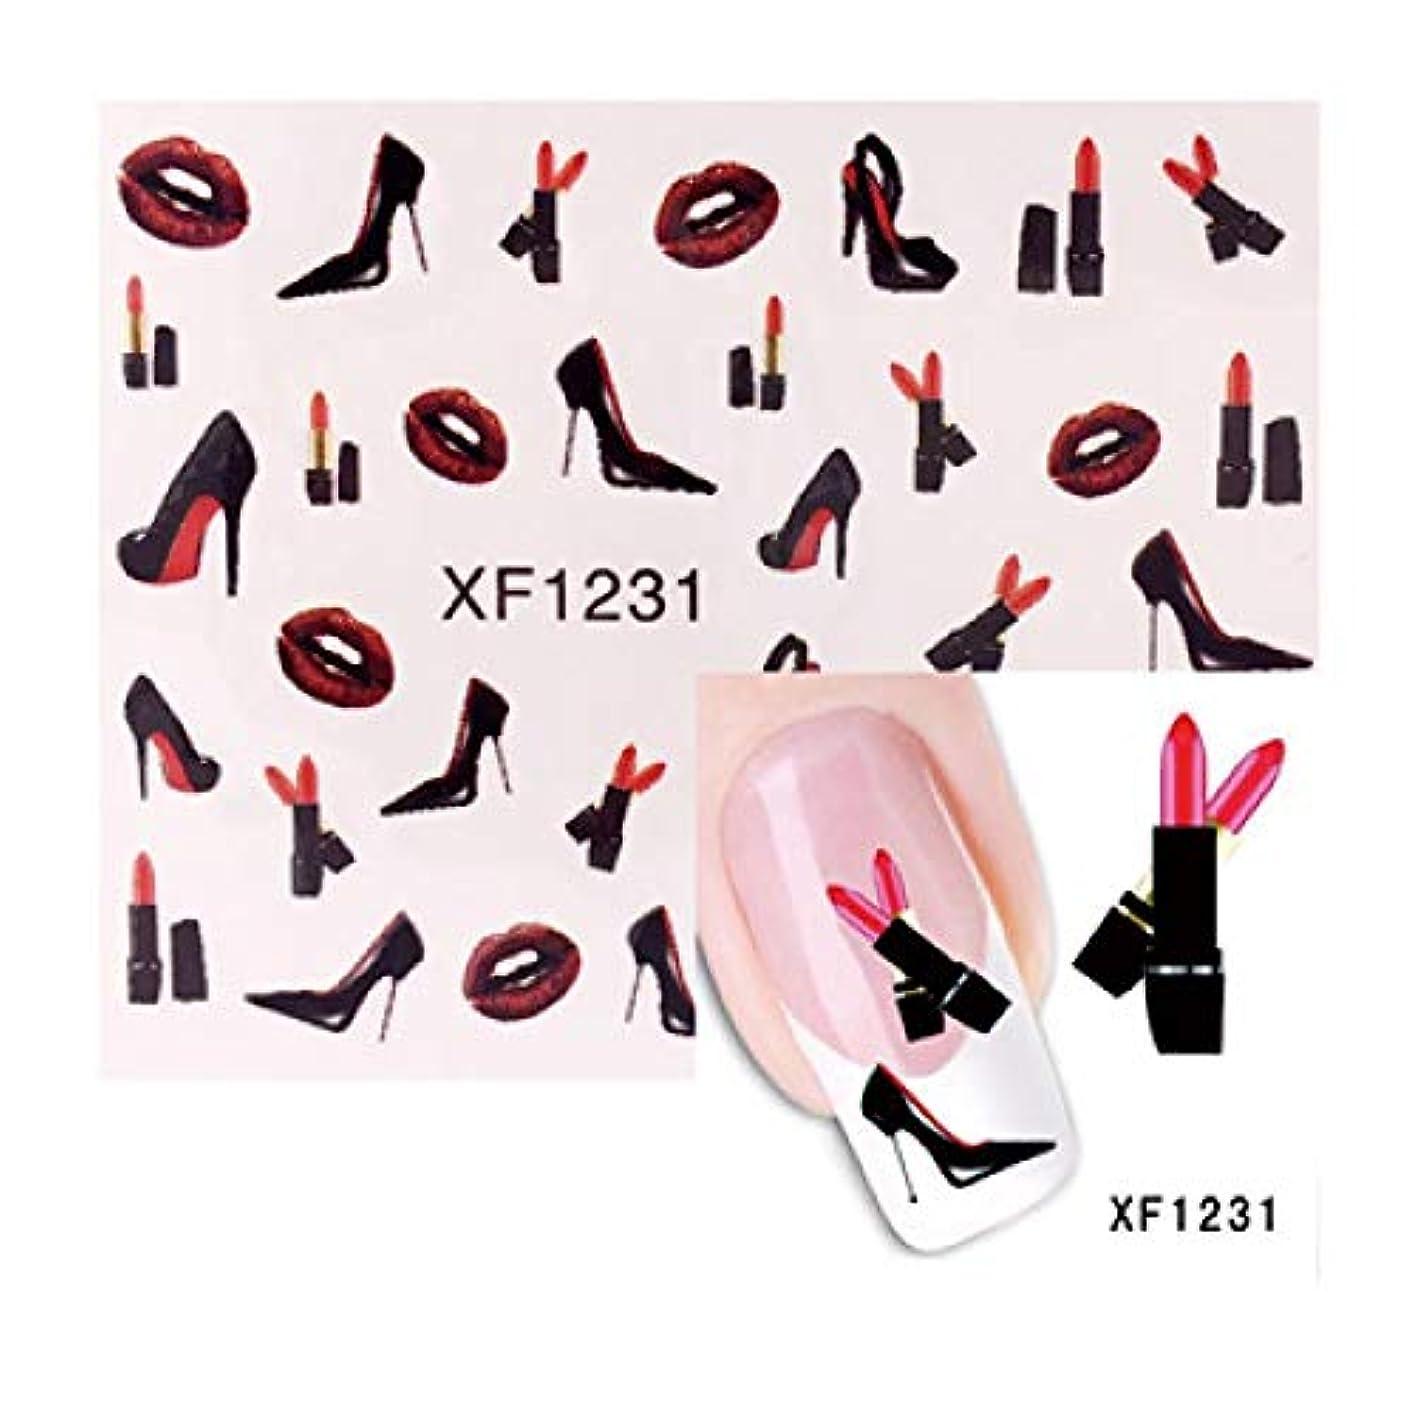 しばしば反射断言するSUKTI&XIAO ネイルステッカー 女の子のマニキュア、Xf1231のための1つのシートのステッカーの釘の芸術の水移動の印刷のステッカーの付属品